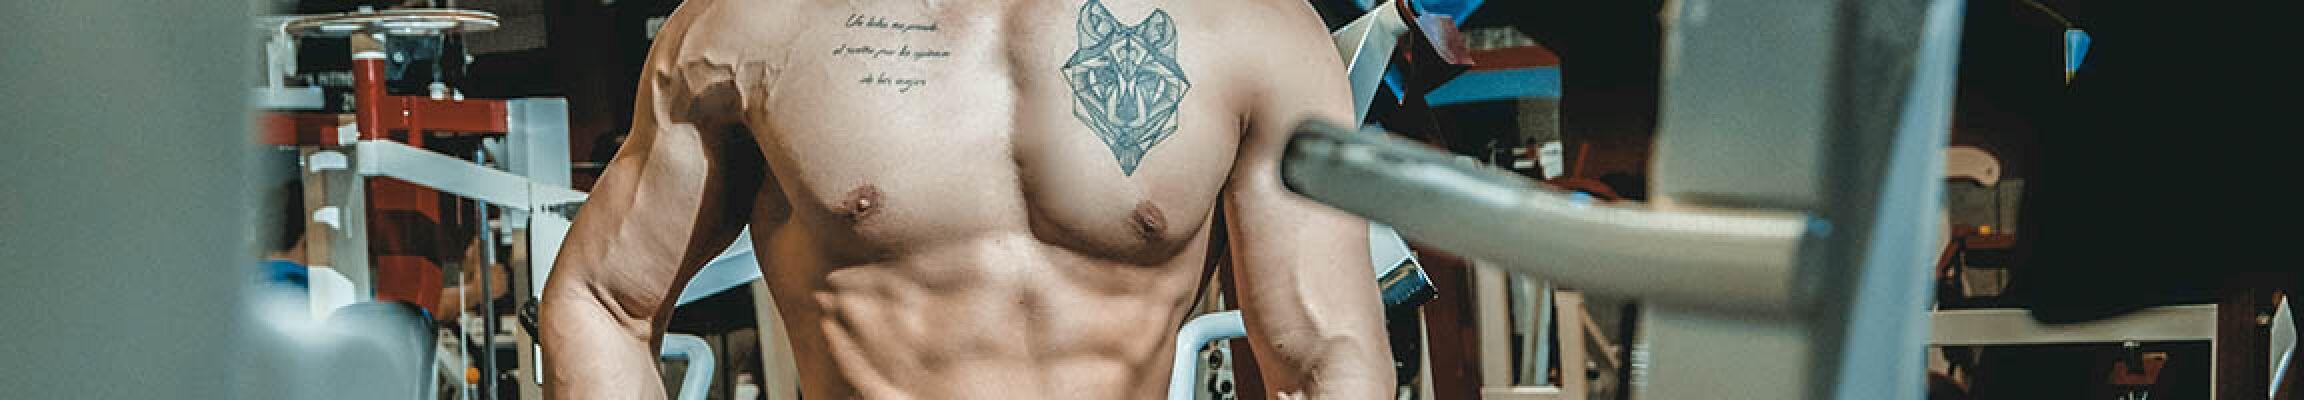 Erfolgreiche Skinny Fat Transformation in 2 Phasen